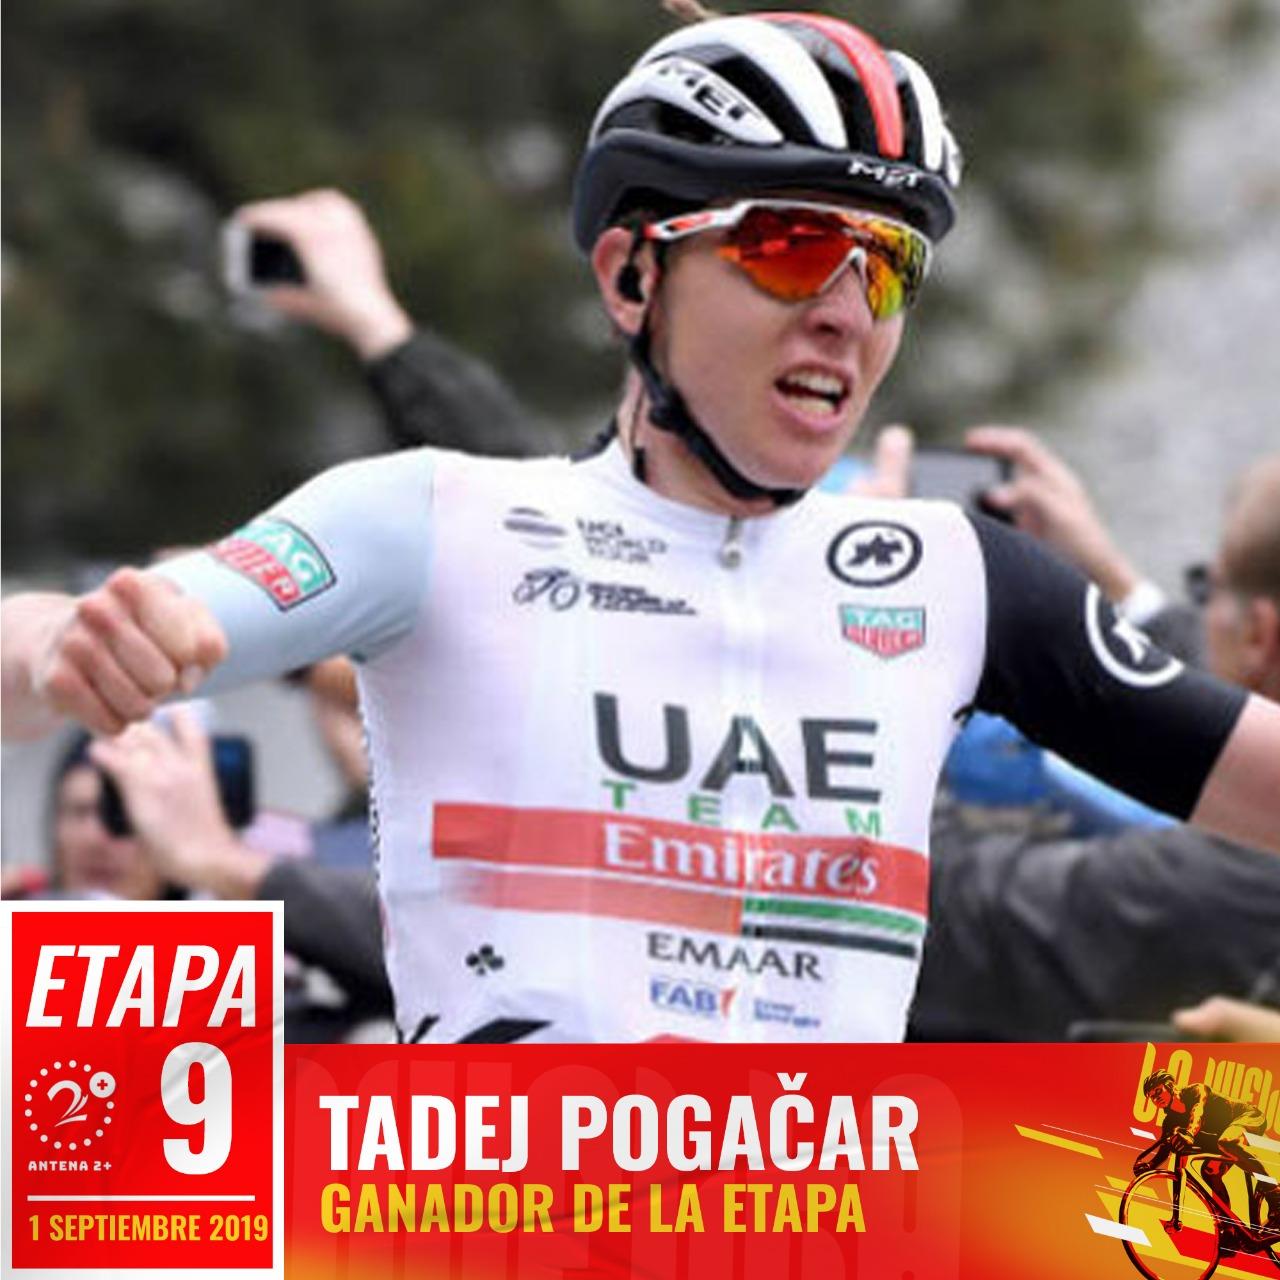 Vuelta a España - Etapa 9